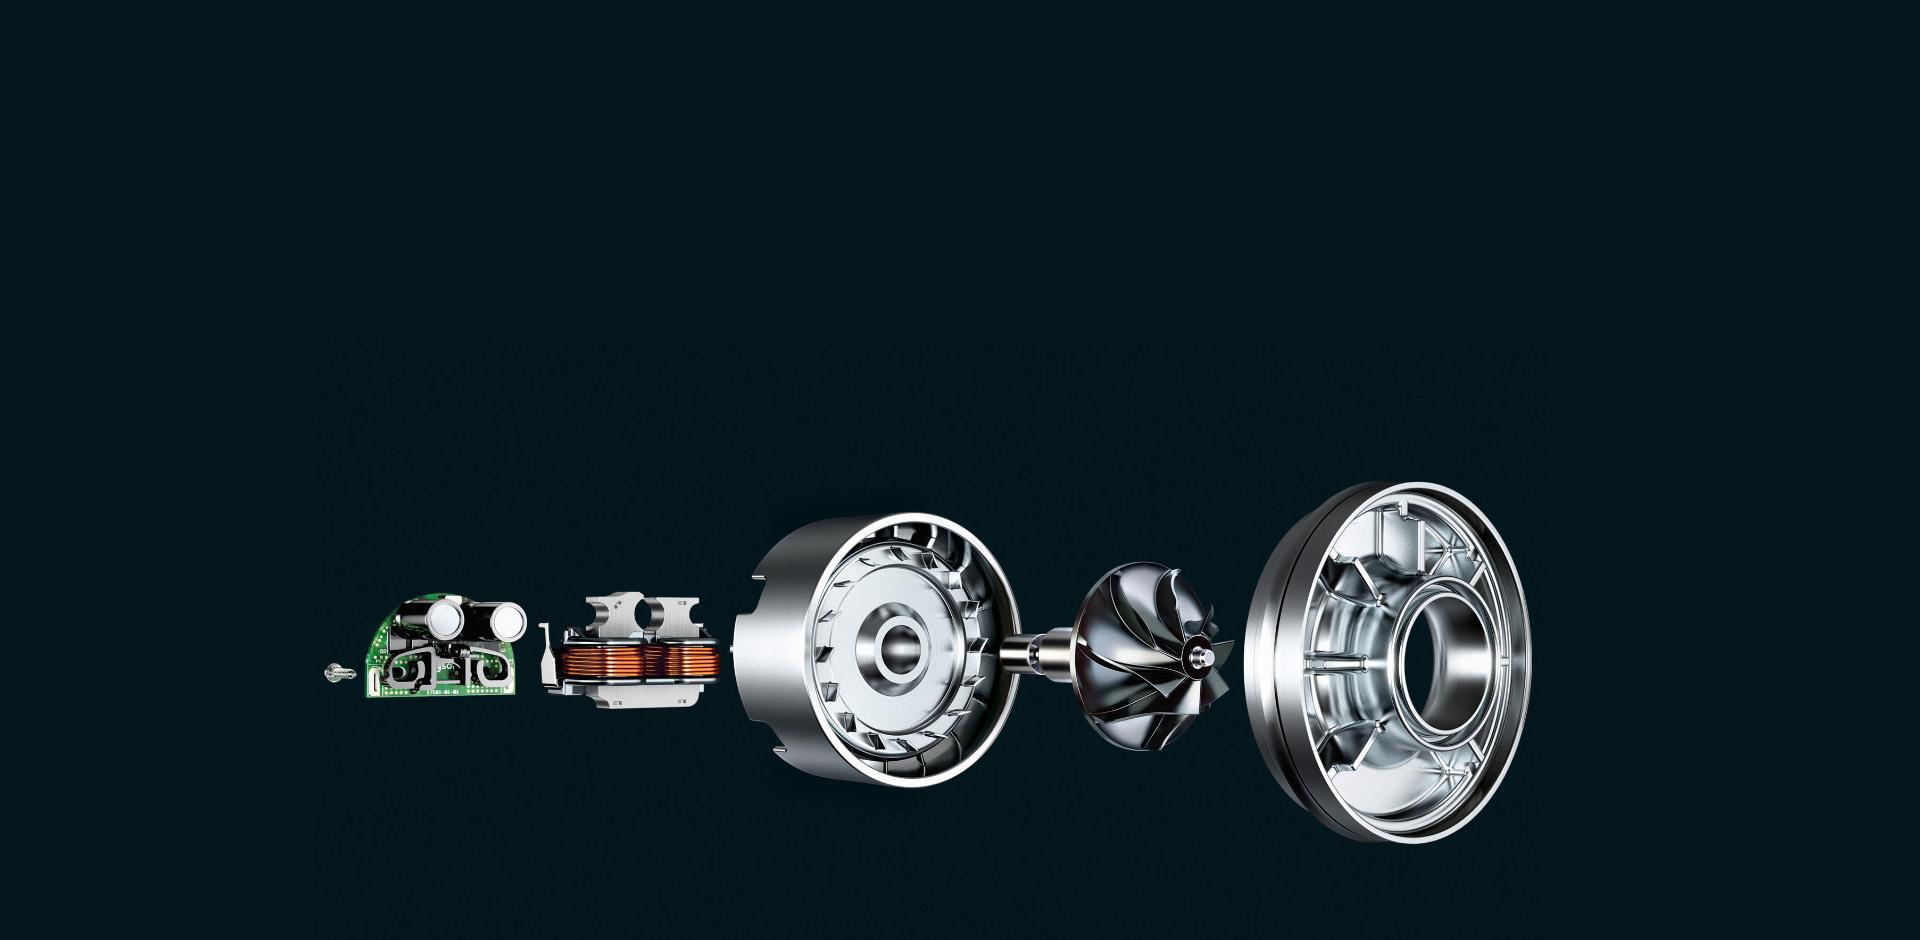 Robbantott motor ábrája